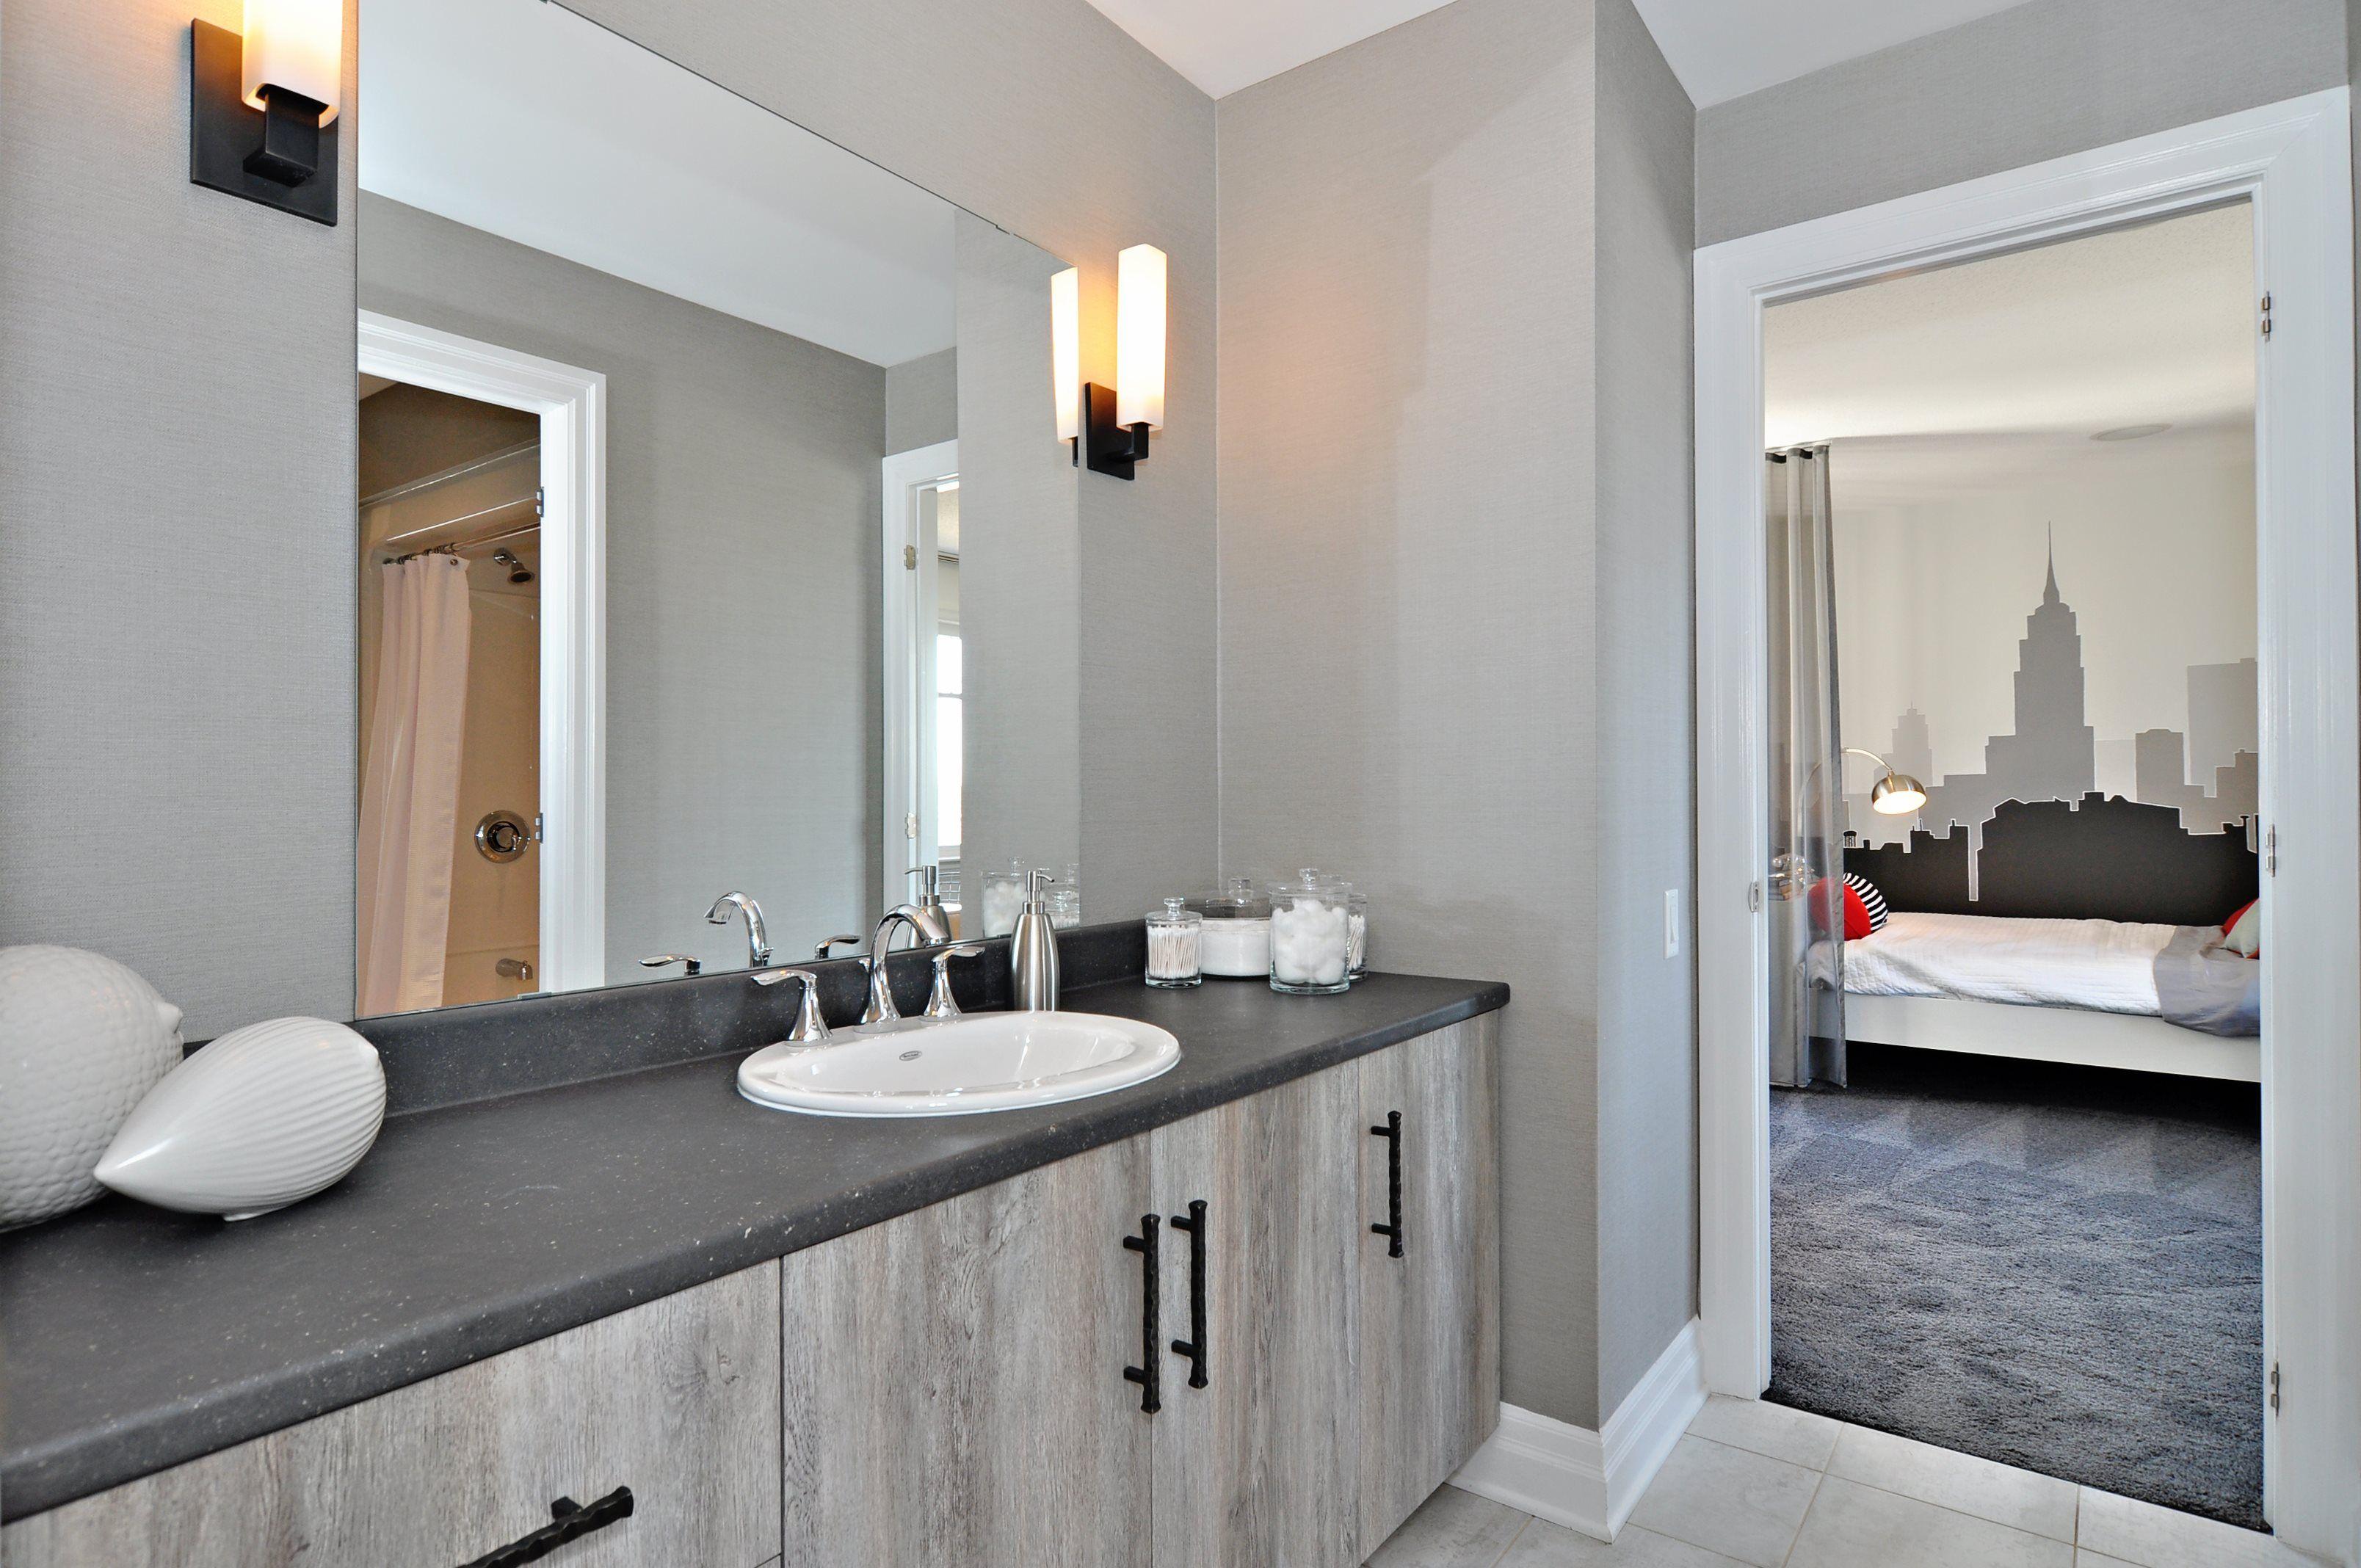 blackstone homes model bathroom monarch ottawa kanata bathroom - Blackstone Home Design